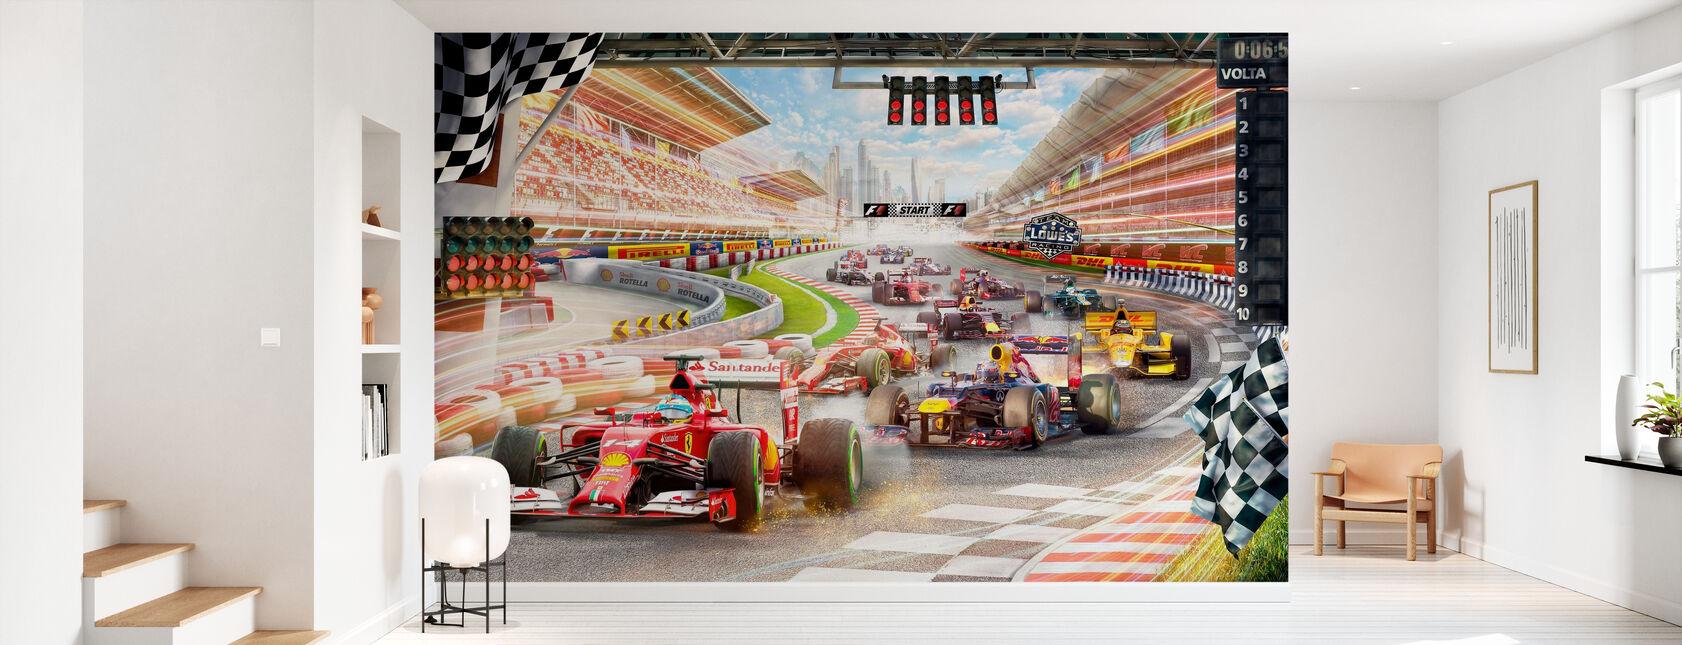 Formel 1 - Tapete - Flur